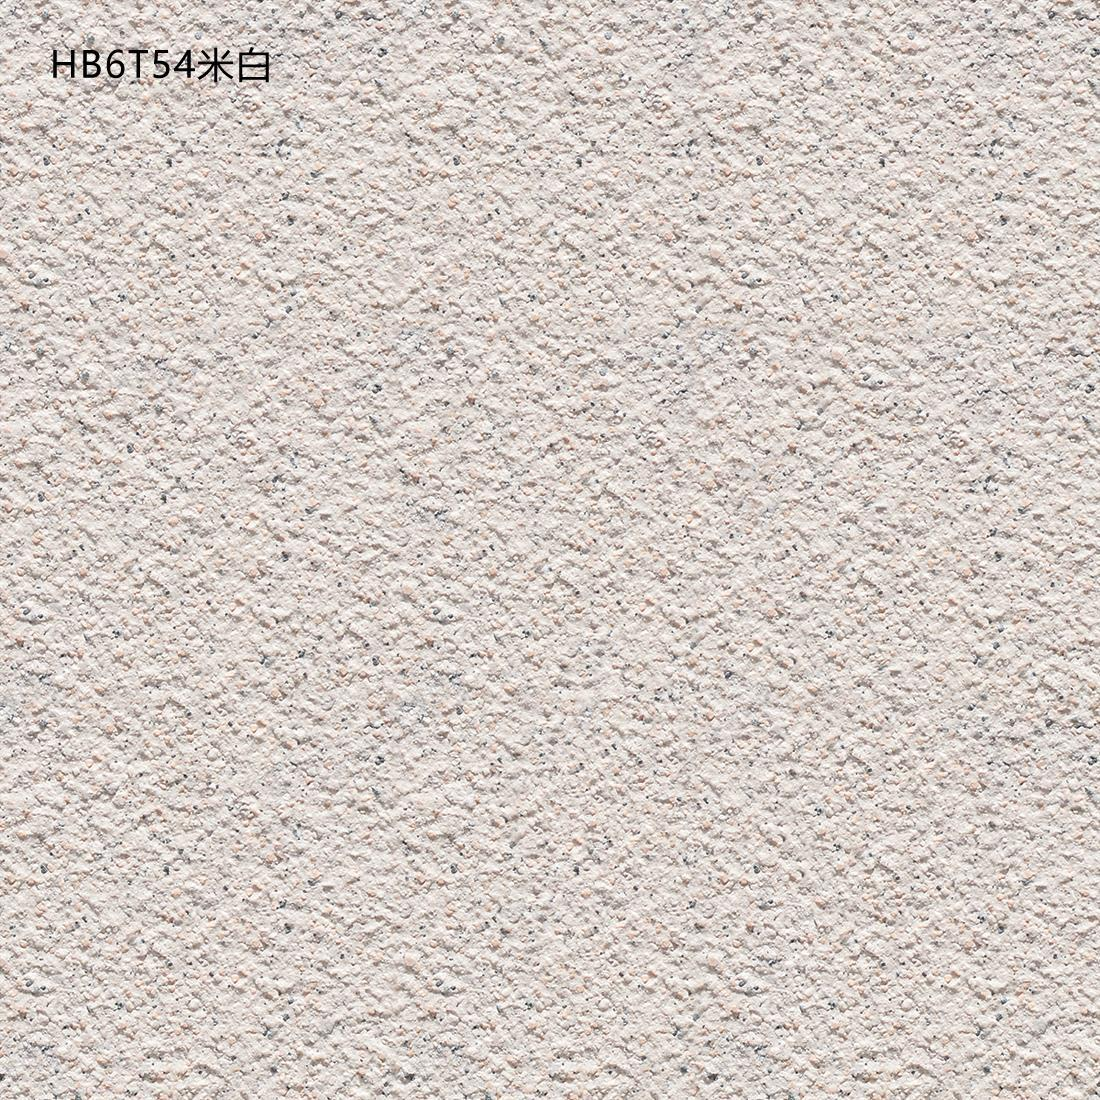 瓷砖厚板干挂如何应用?